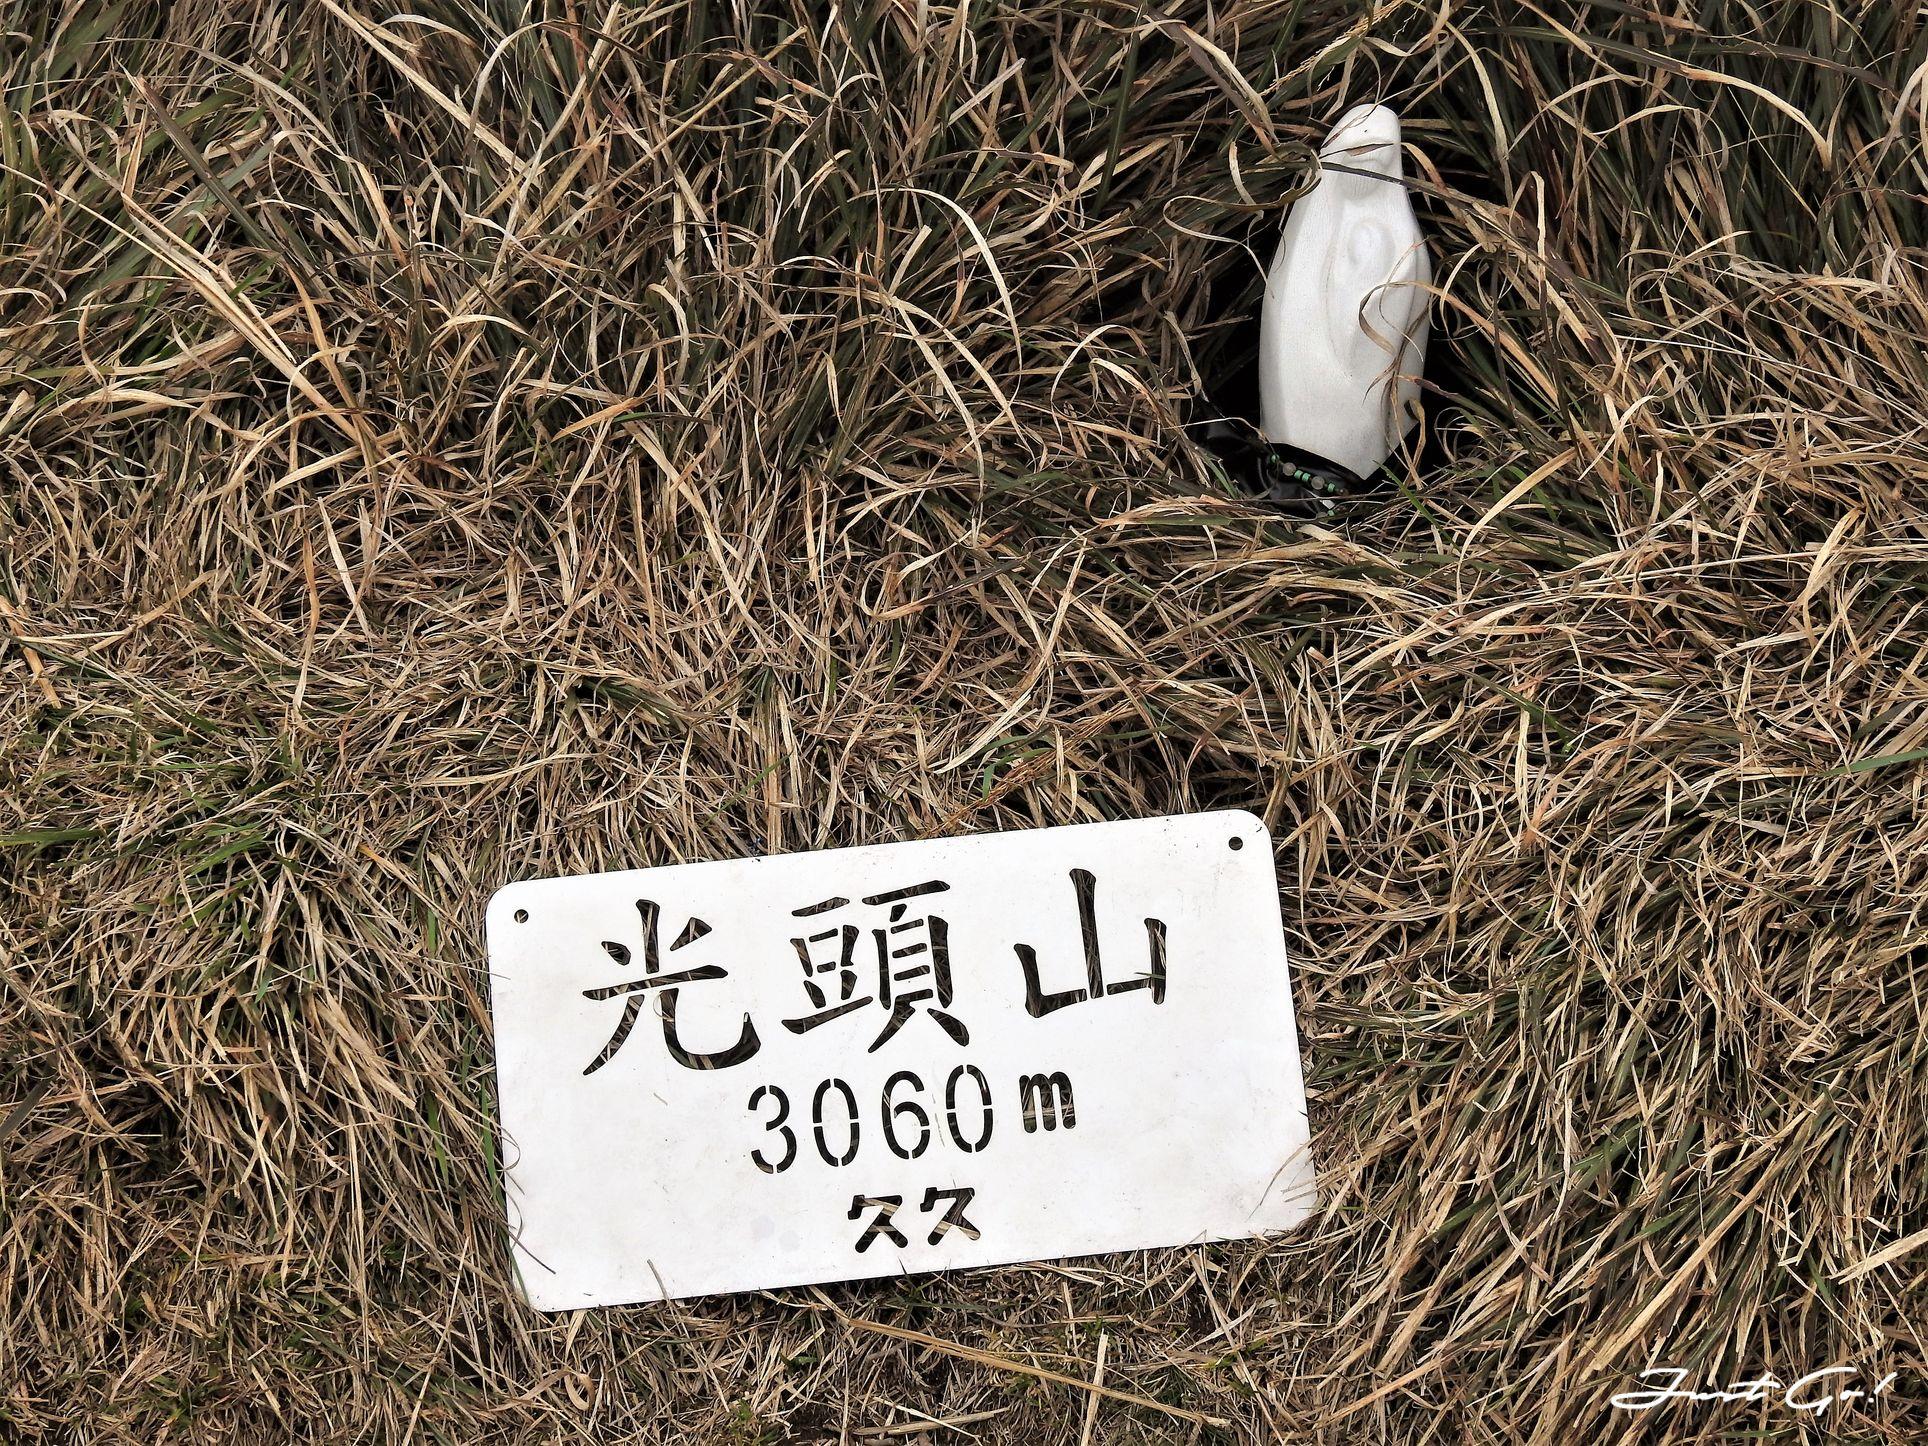 台灣 - 能高安東軍縱走自組隊-5日行程遊記、gpx路線、申請、水源29